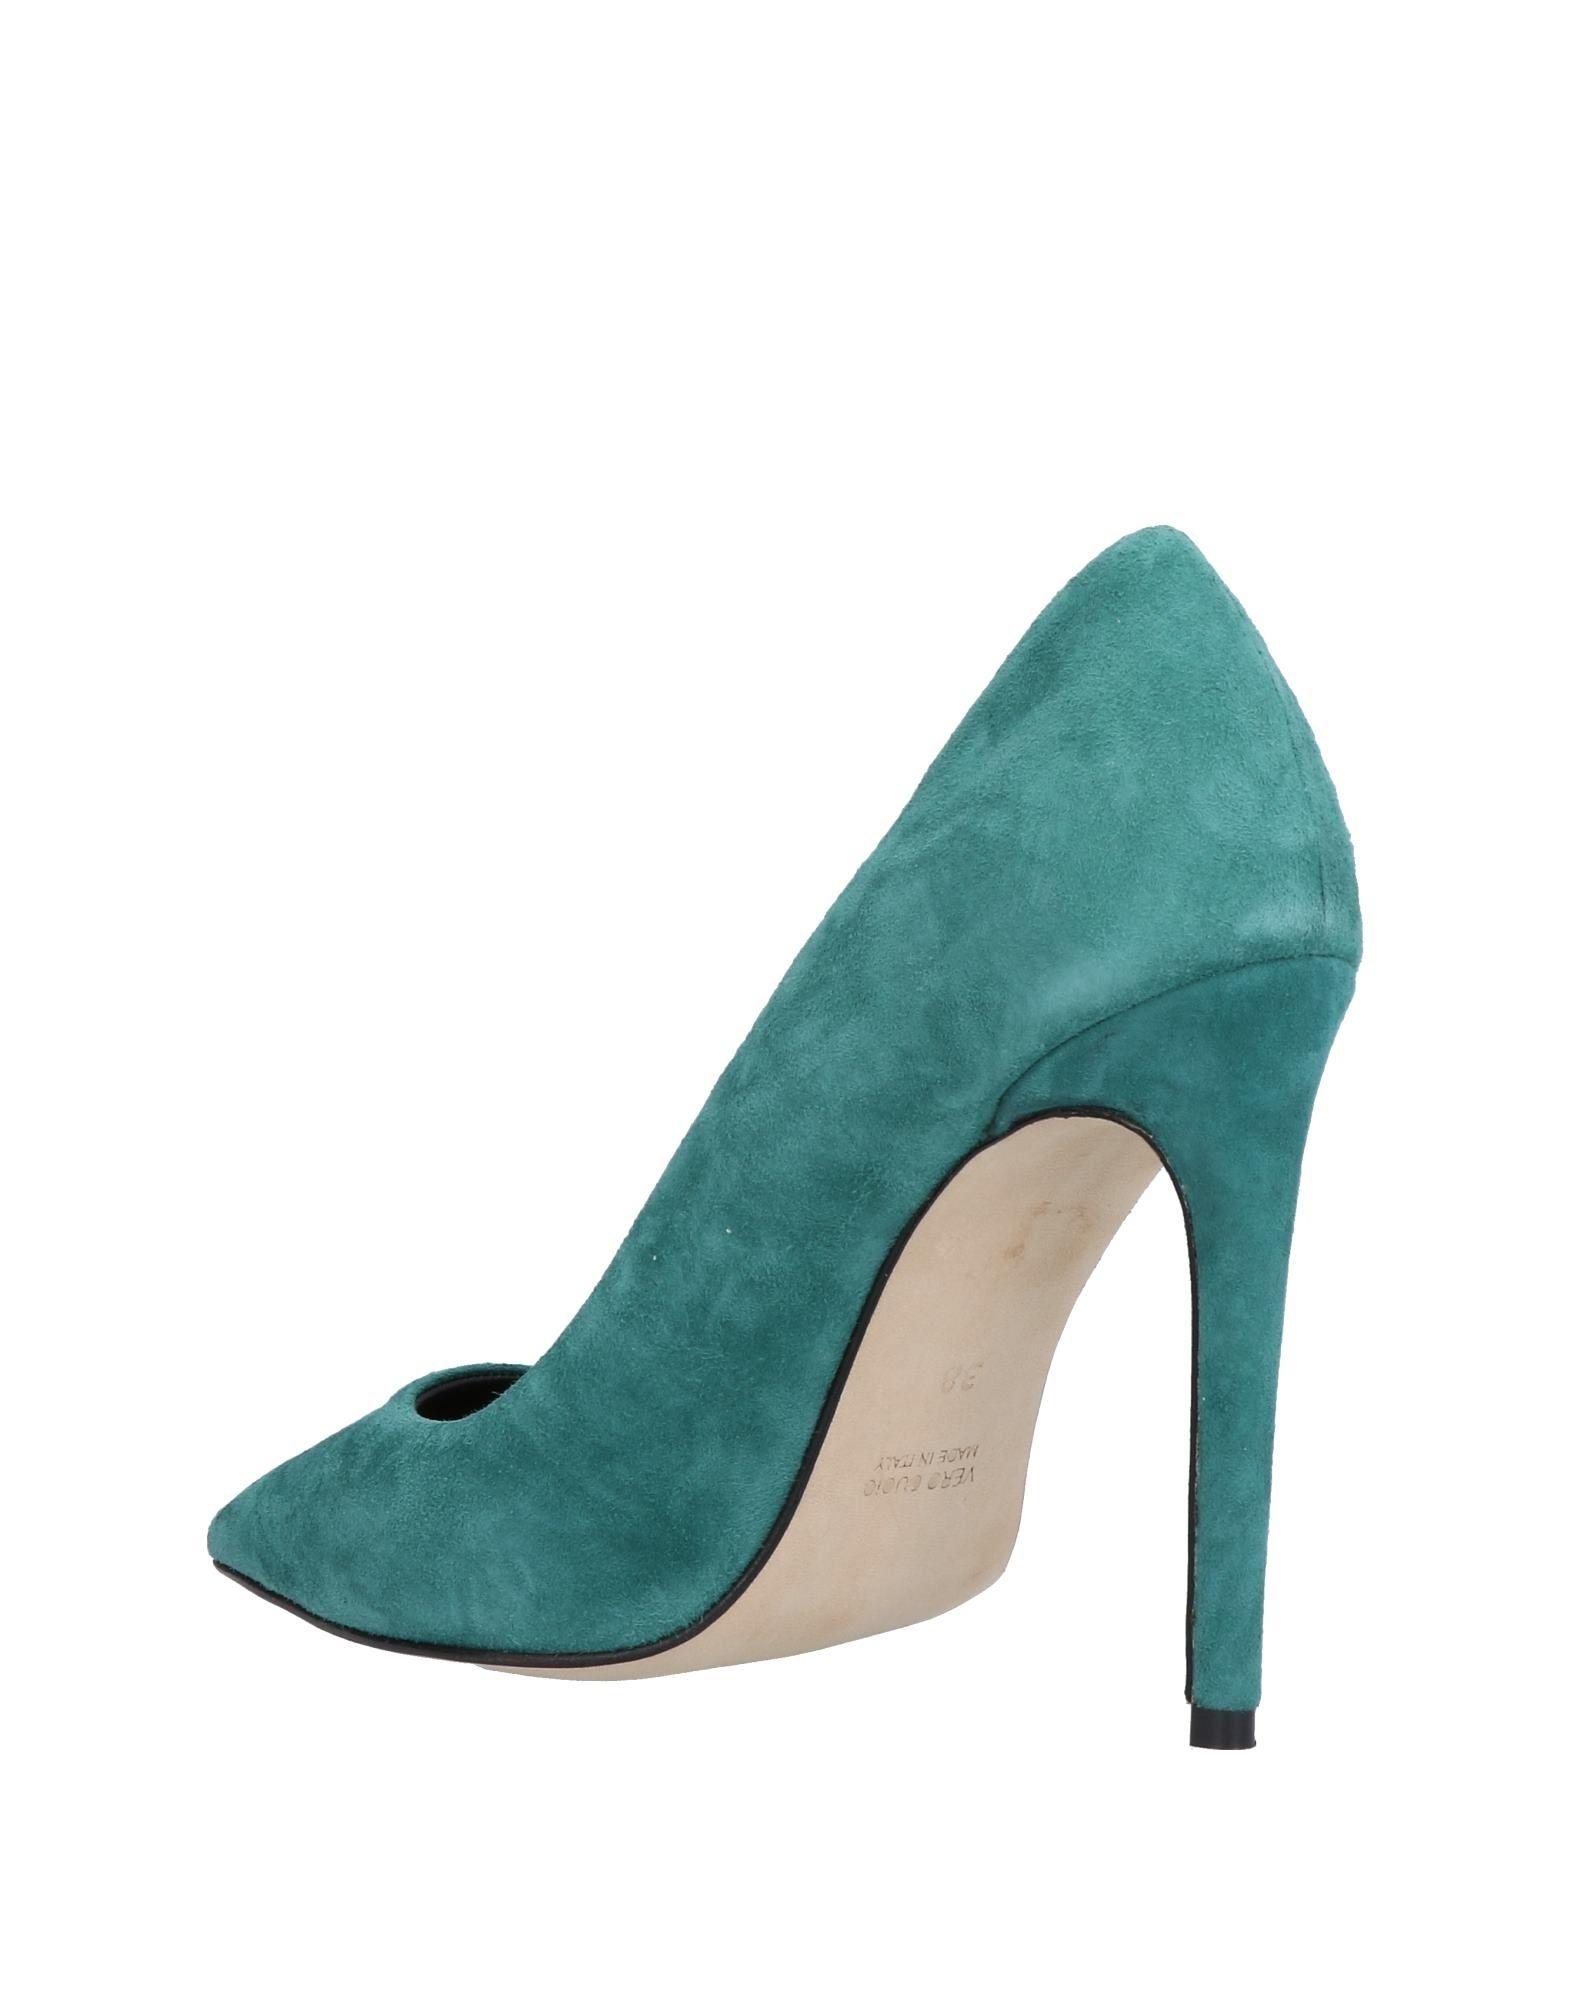 Salvatore 11472681CD Caputo Pumps Damen  11472681CD Salvatore Gute Qualität beliebte Schuhe ed97a0